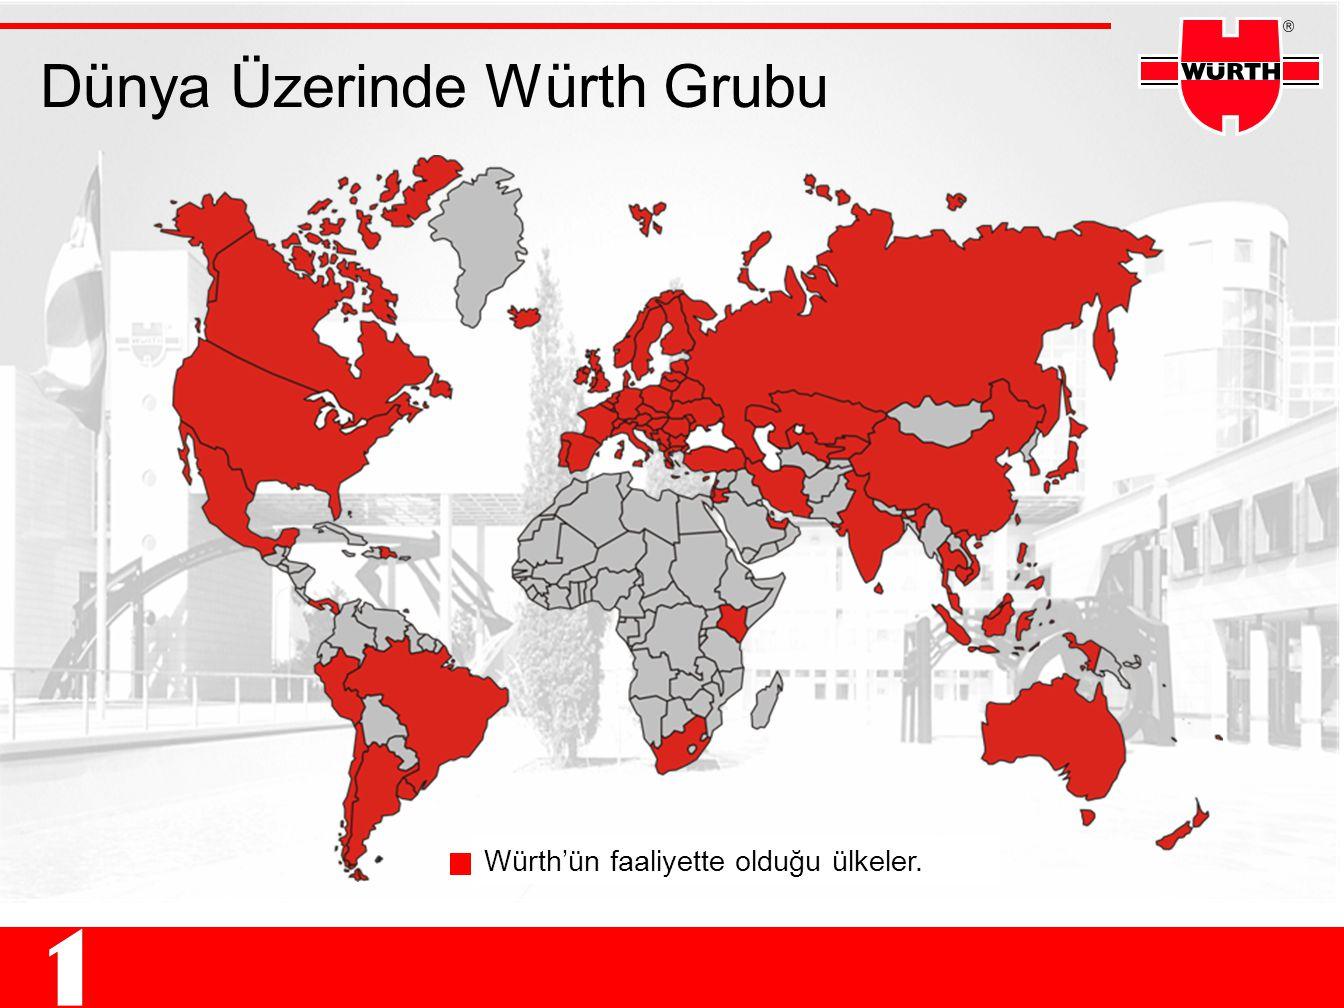 Dünya Üzerinde Würth Grubu